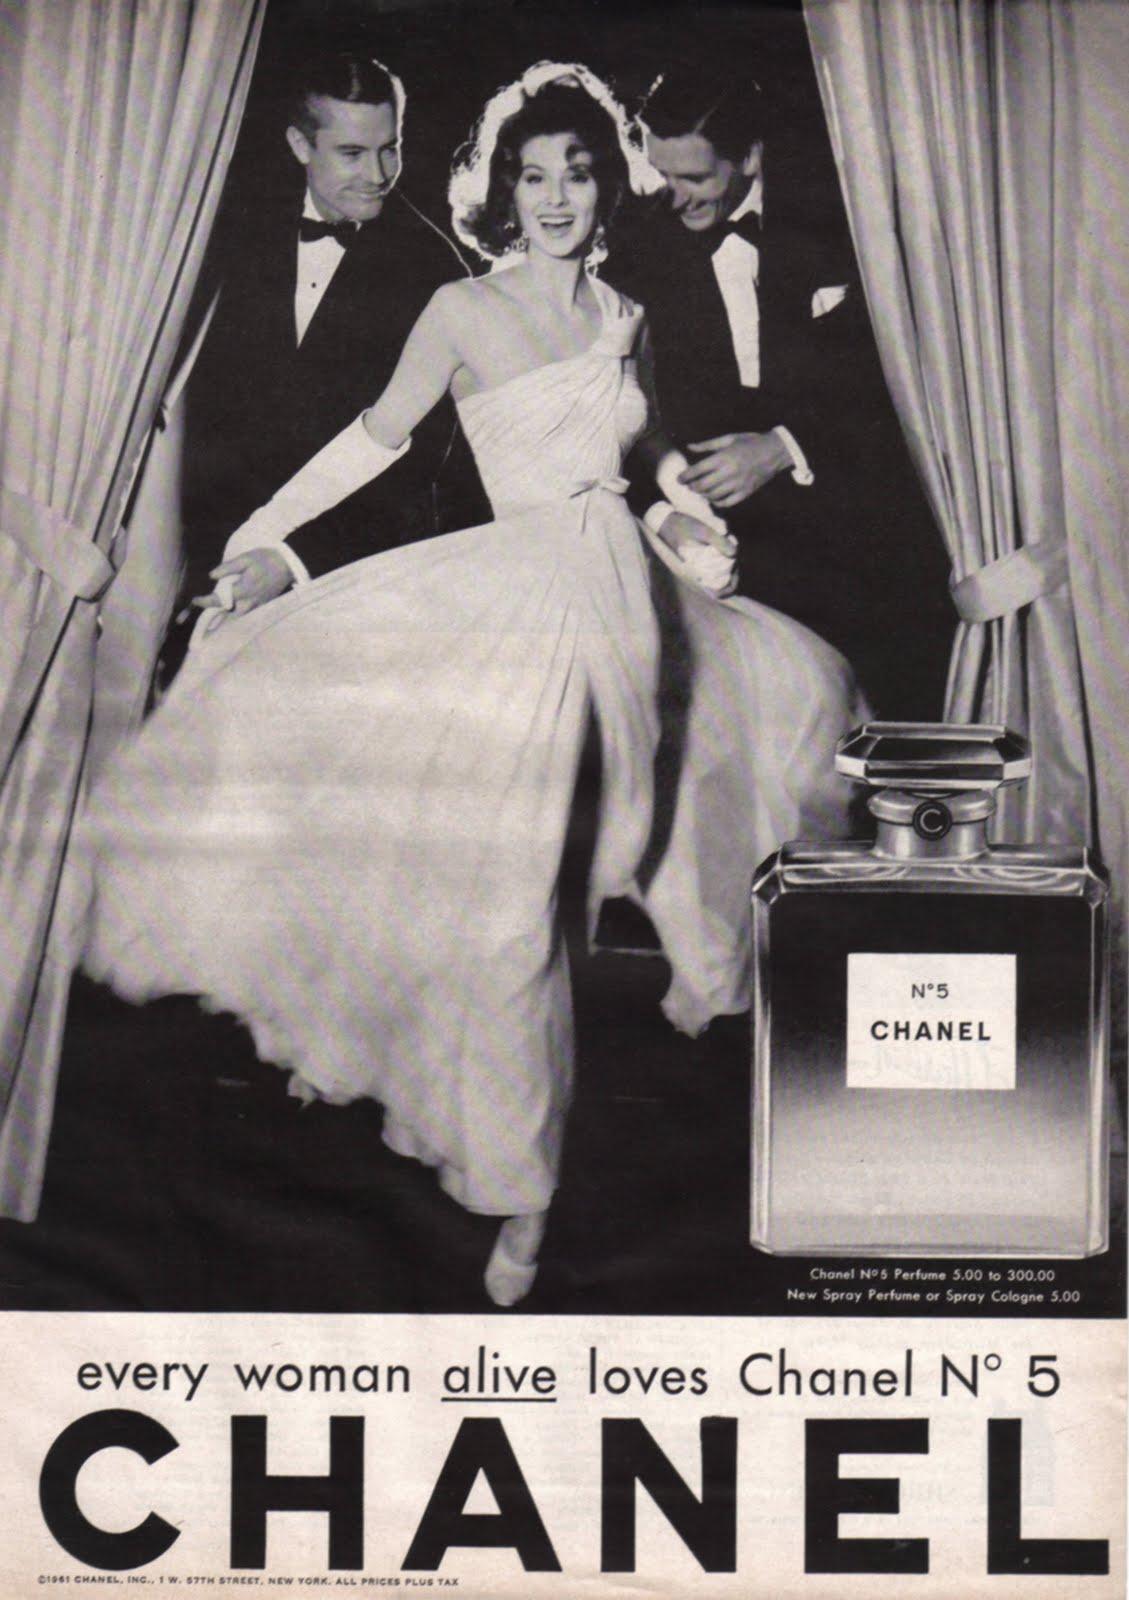 http://2.bp.blogspot.com/-PGHJxO_n5Nc/TedjzMWLUNI/AAAAAAAAARQ/Peq8J58fNrY/s1600/chanel+5+perfume+ad+vintage.jpg